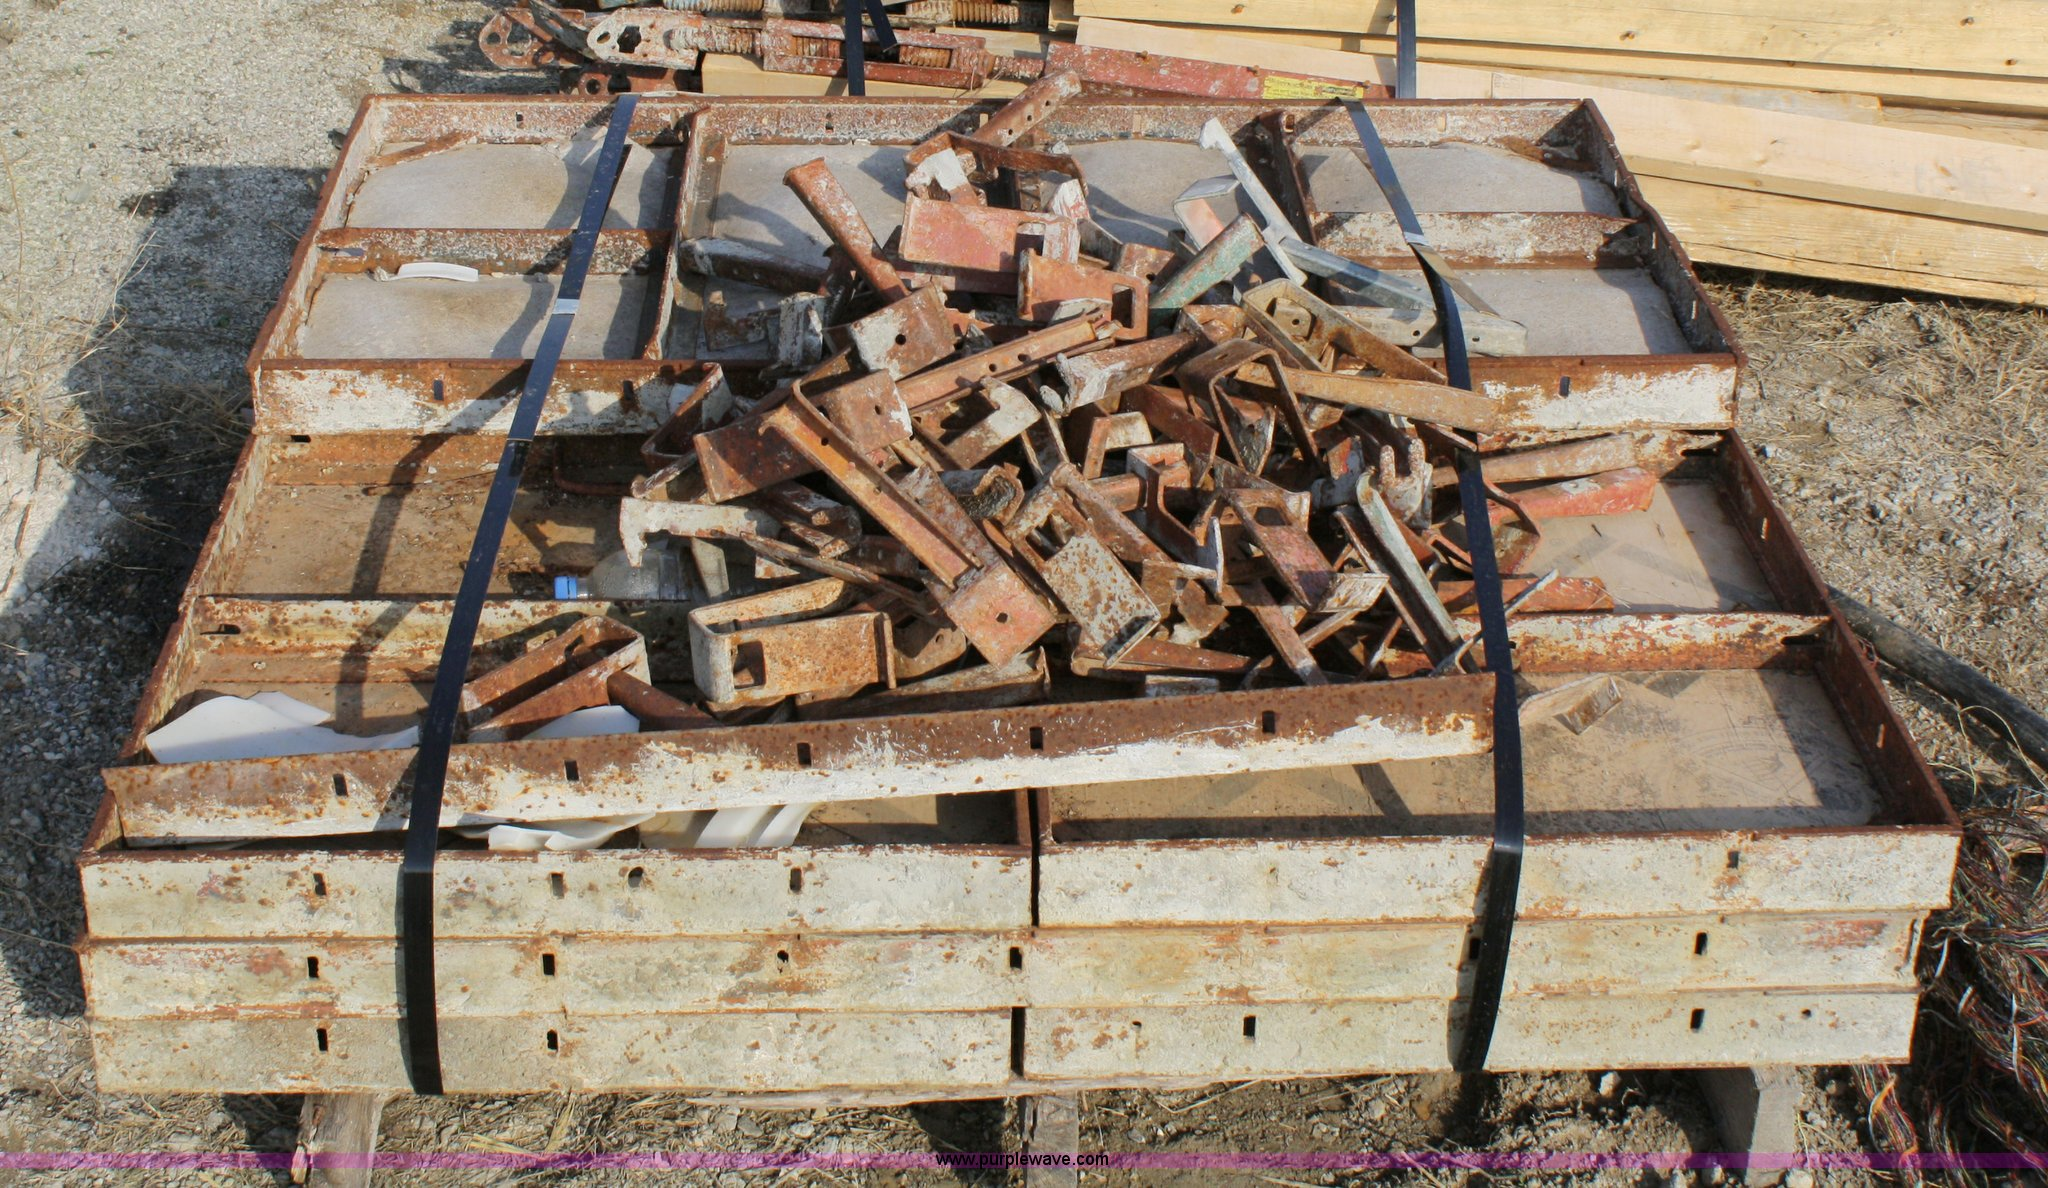 Symons concrete forms | Item 4926 | SOLD! April 21 Meadows C